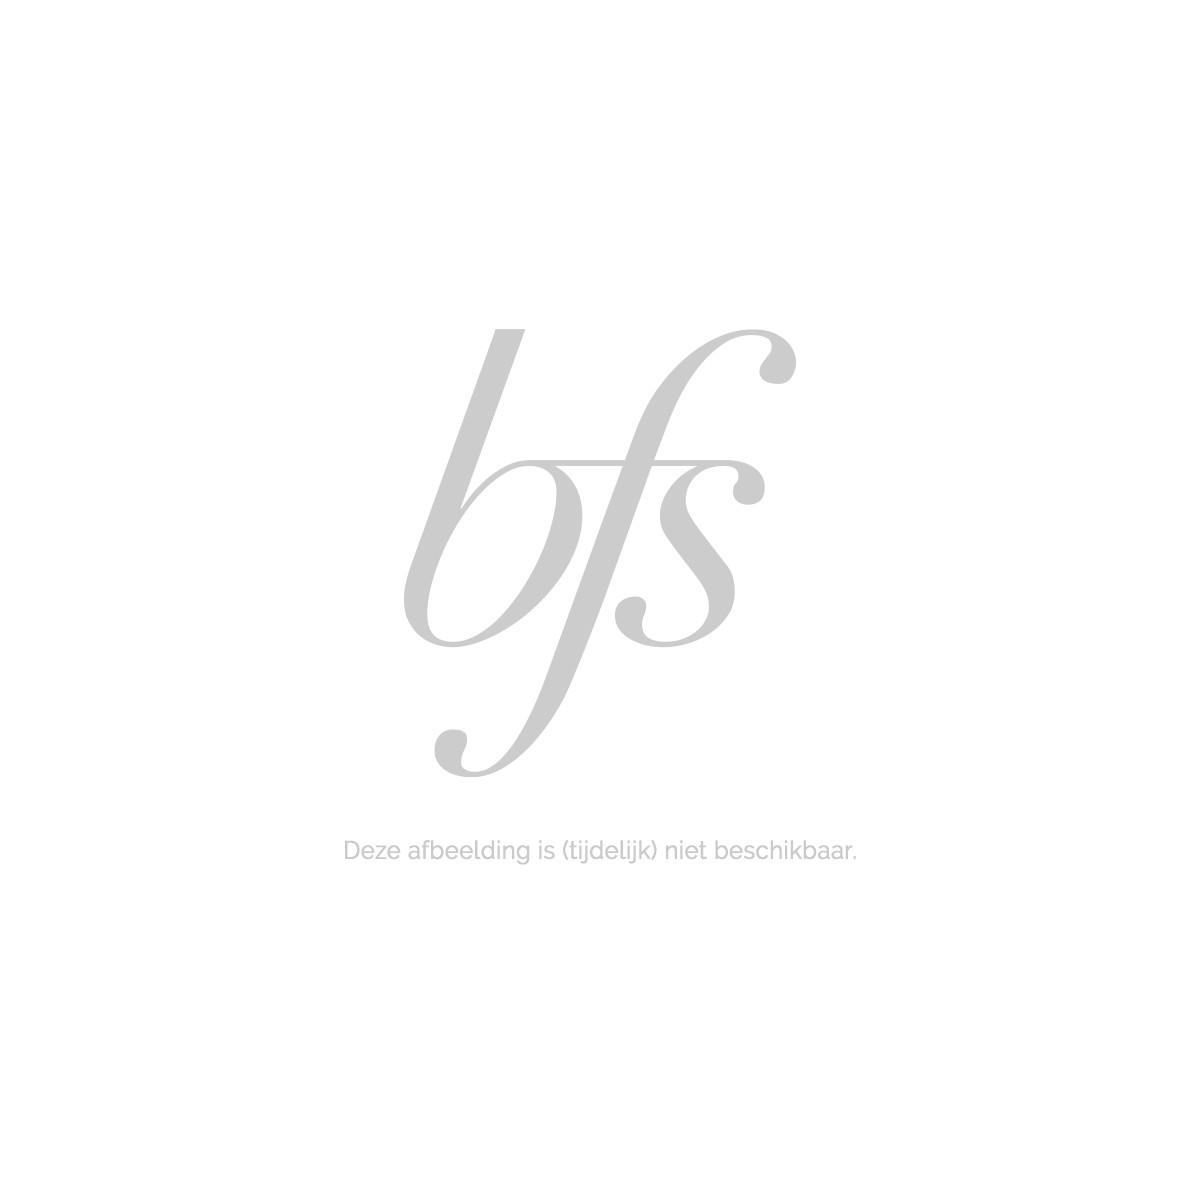 The Body Shop Drops Of Youth Emulsion Vitamin E Vitamin E : Moisture-Protect Emulsion Spf30 50 Ml